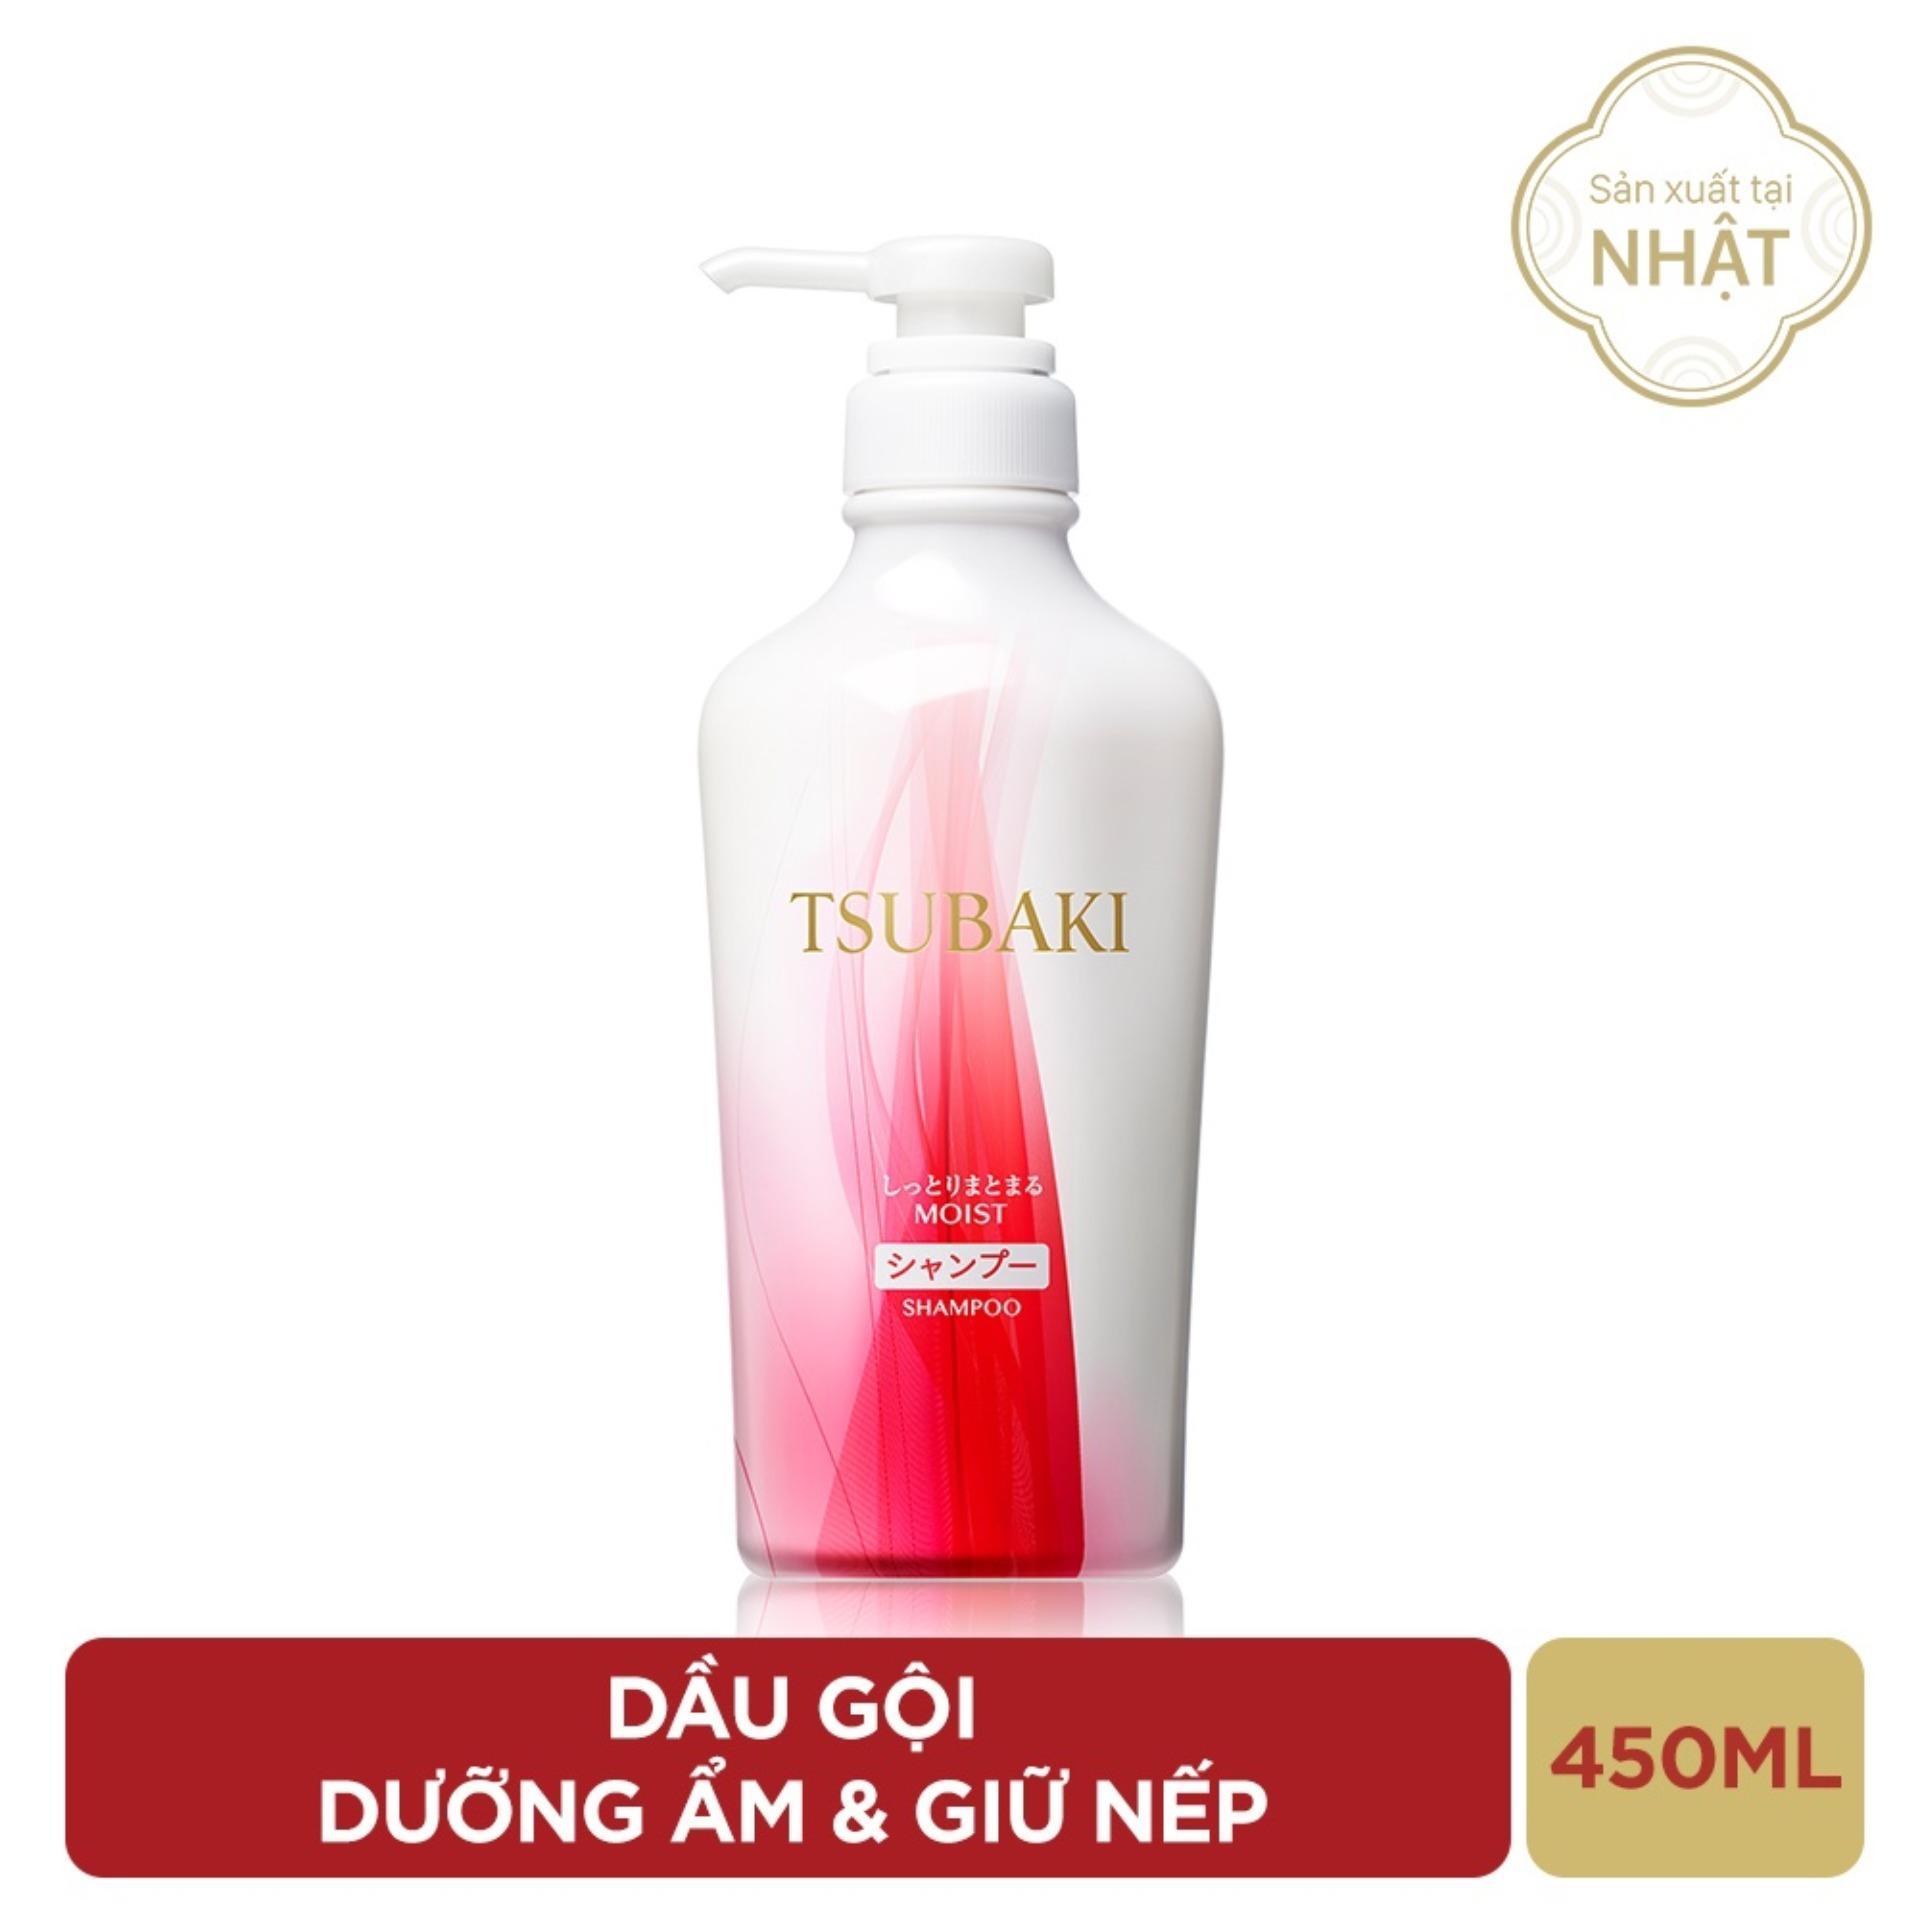 Dầu gội dưỡng ẩm và giữ nếp Tsubaki Moist Shampoo 450ml